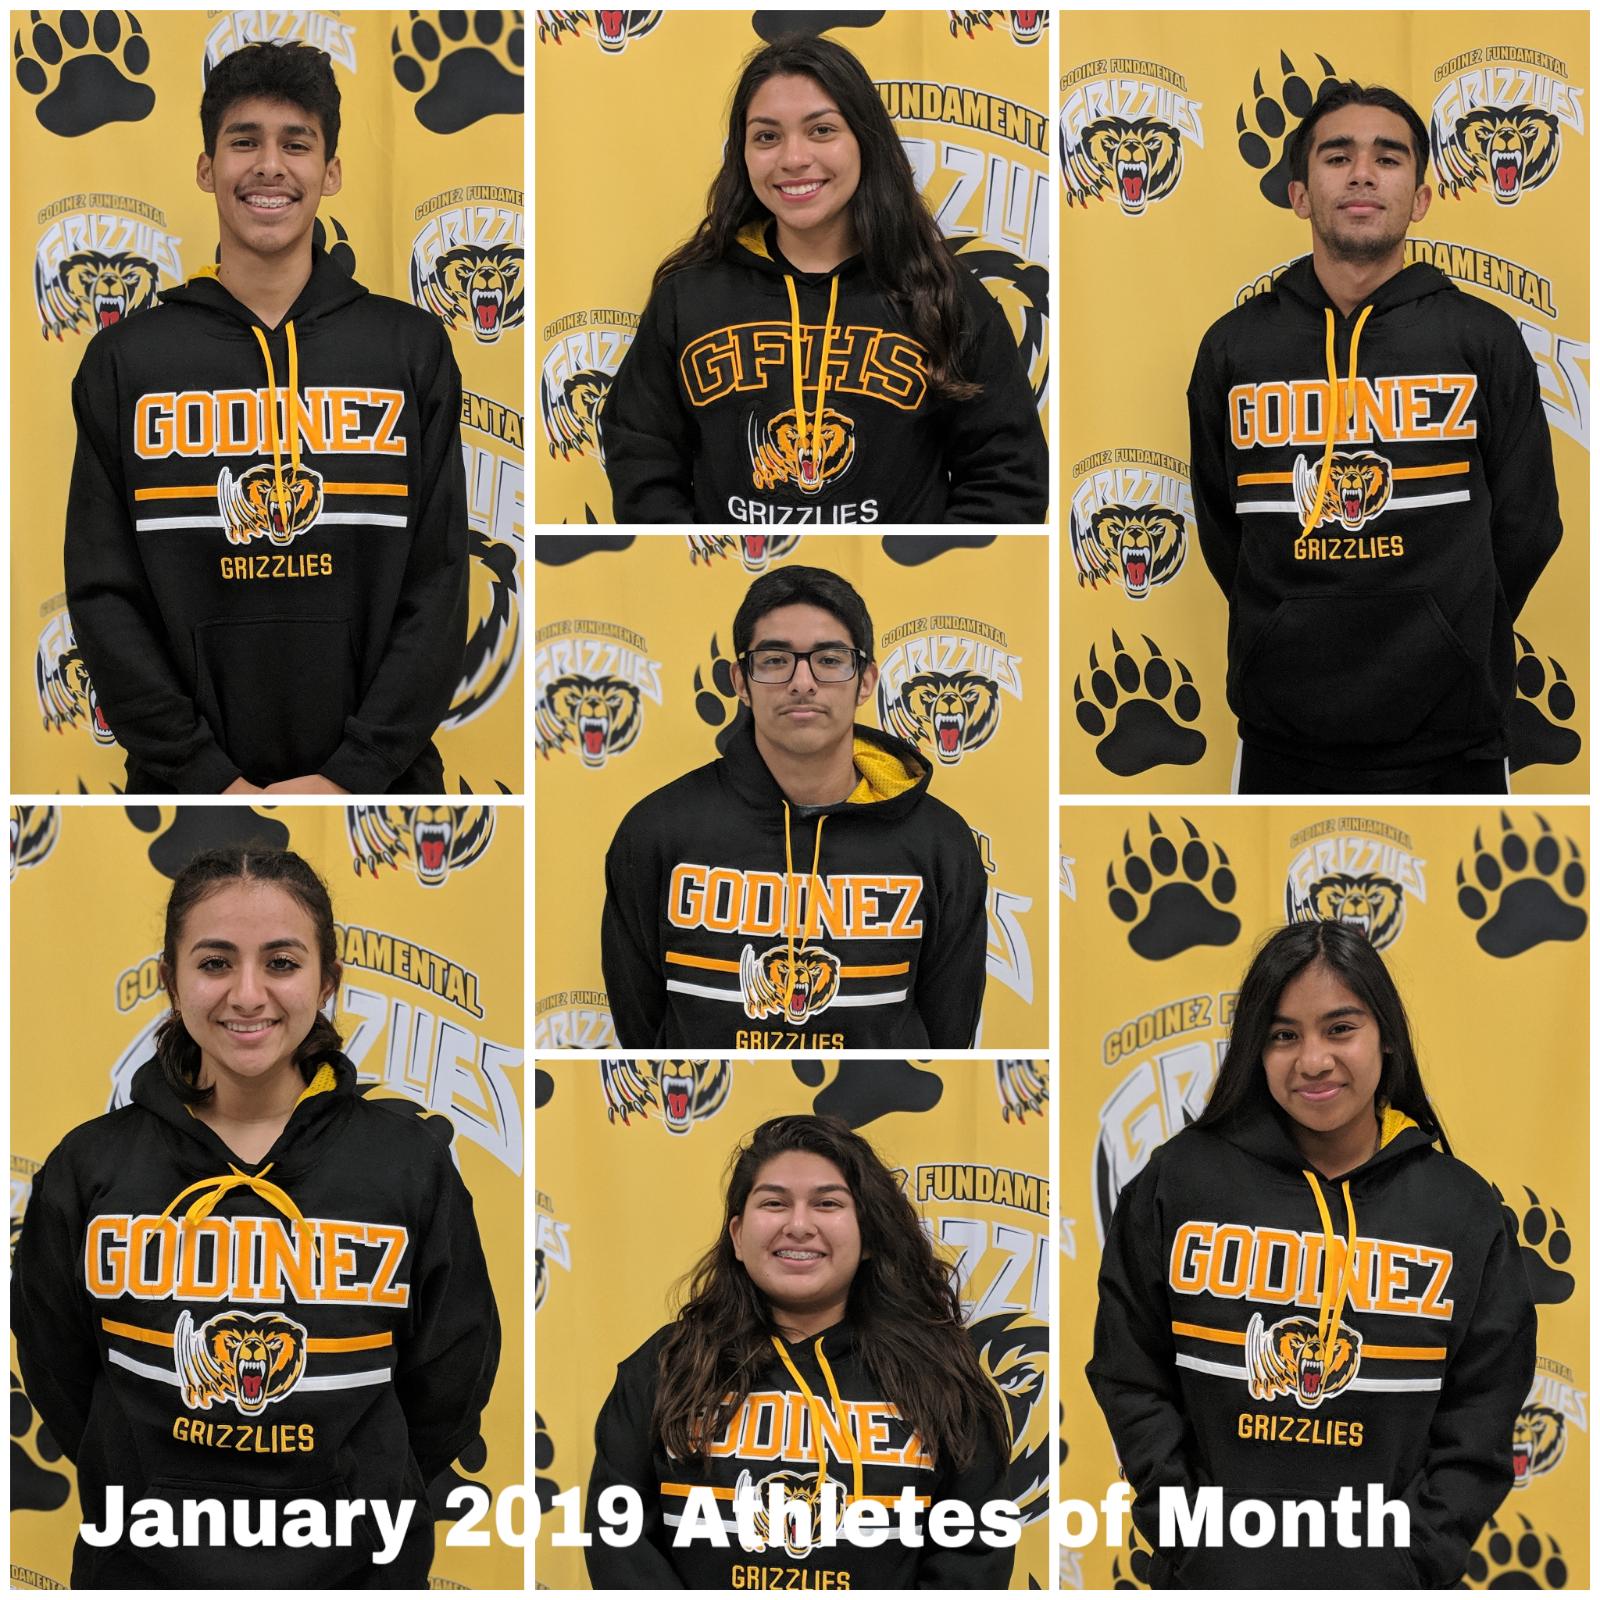 Godinez Celebrates January 2019 Athletes of the Month